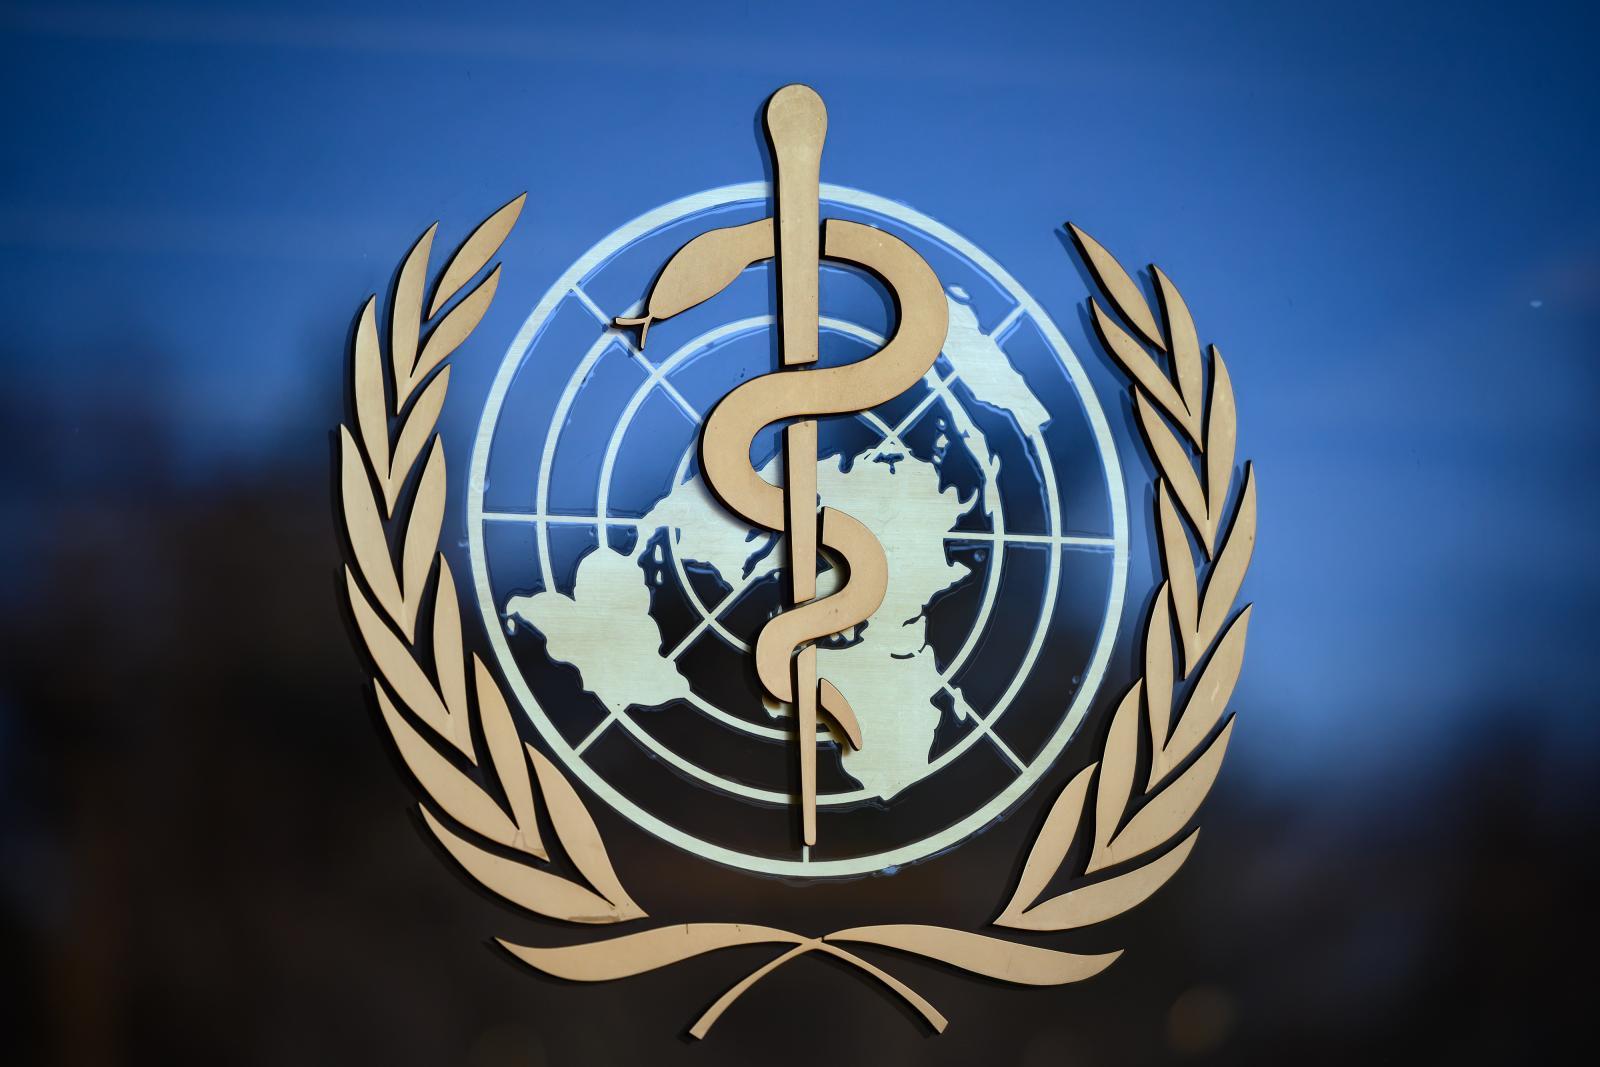 สหรัฐฯ วีโต้มติหยุดยิงยูเอ็น ขวางช่วยพื้นที่ขัดแย้งทั่วโลกรับมือโควิด-19